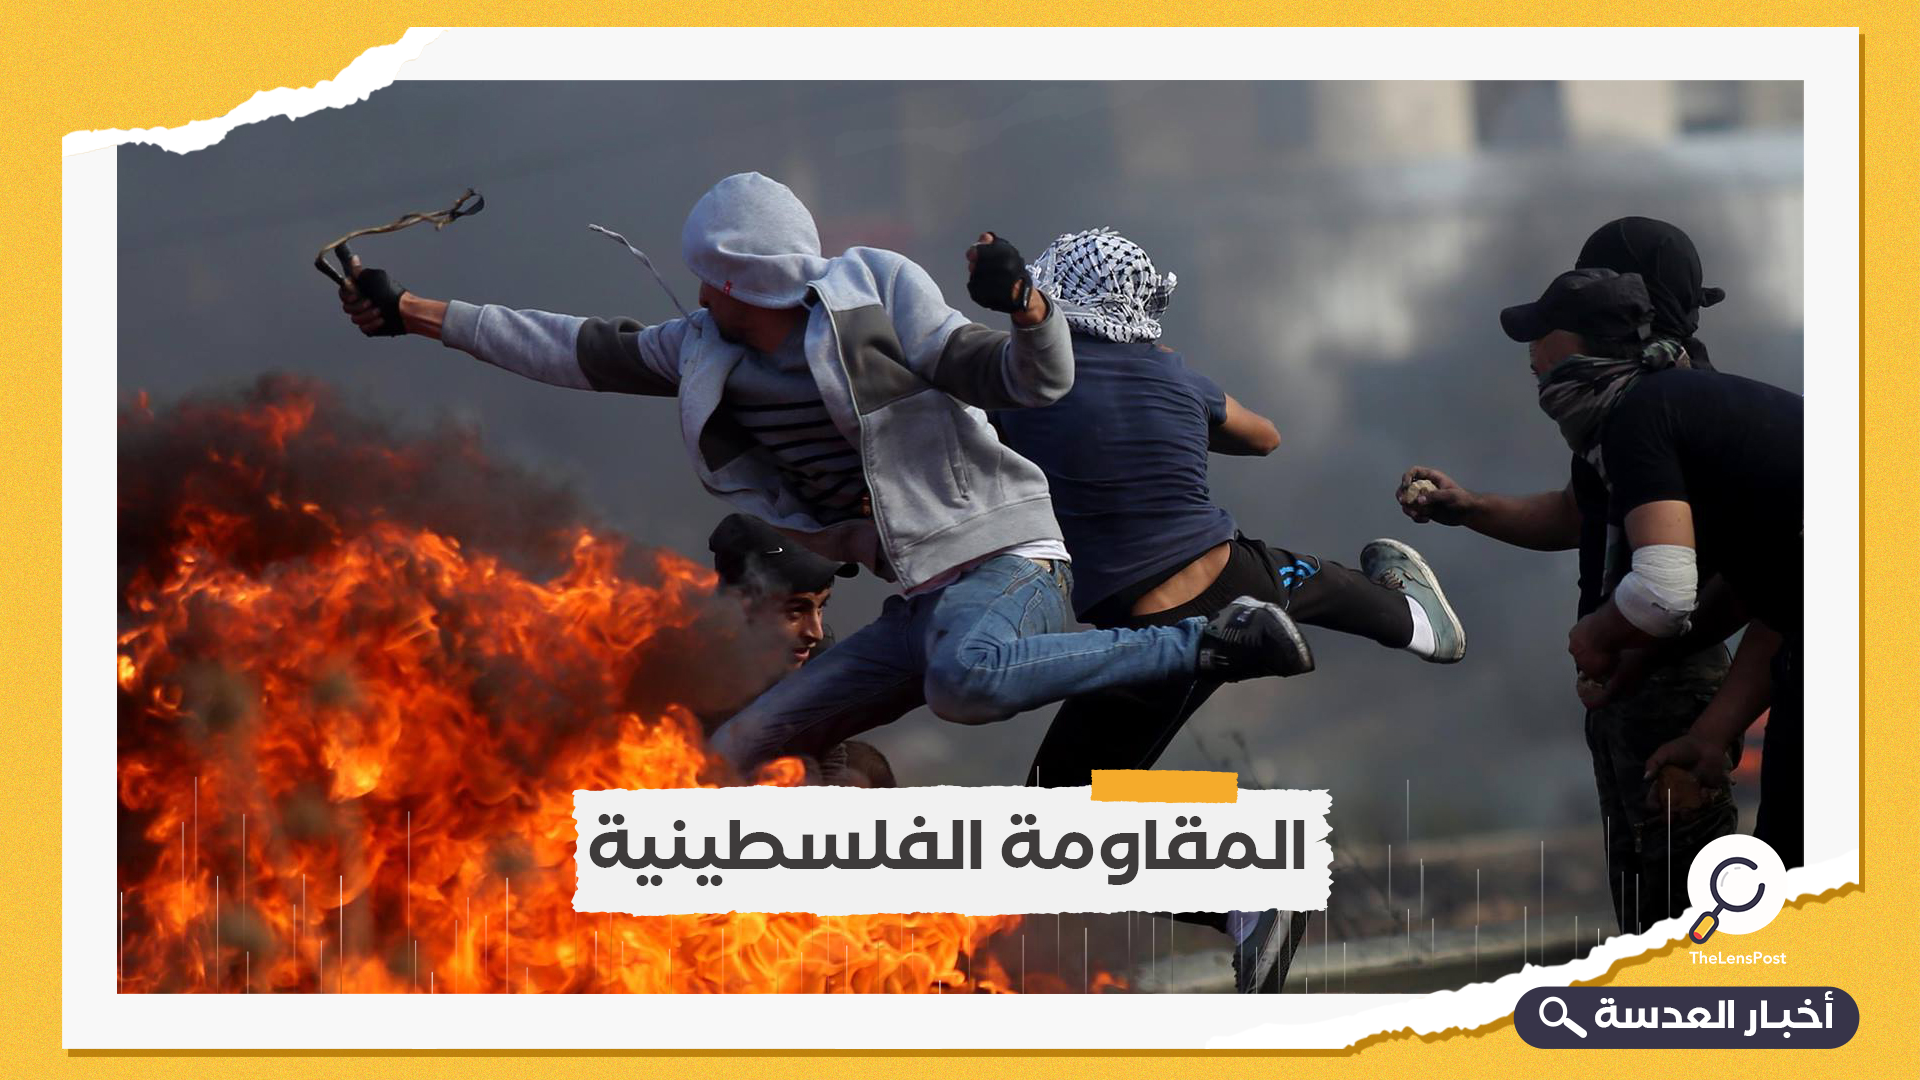 حماس تتمسك بموقفها حول قضية أسرى الاحتلال لديها